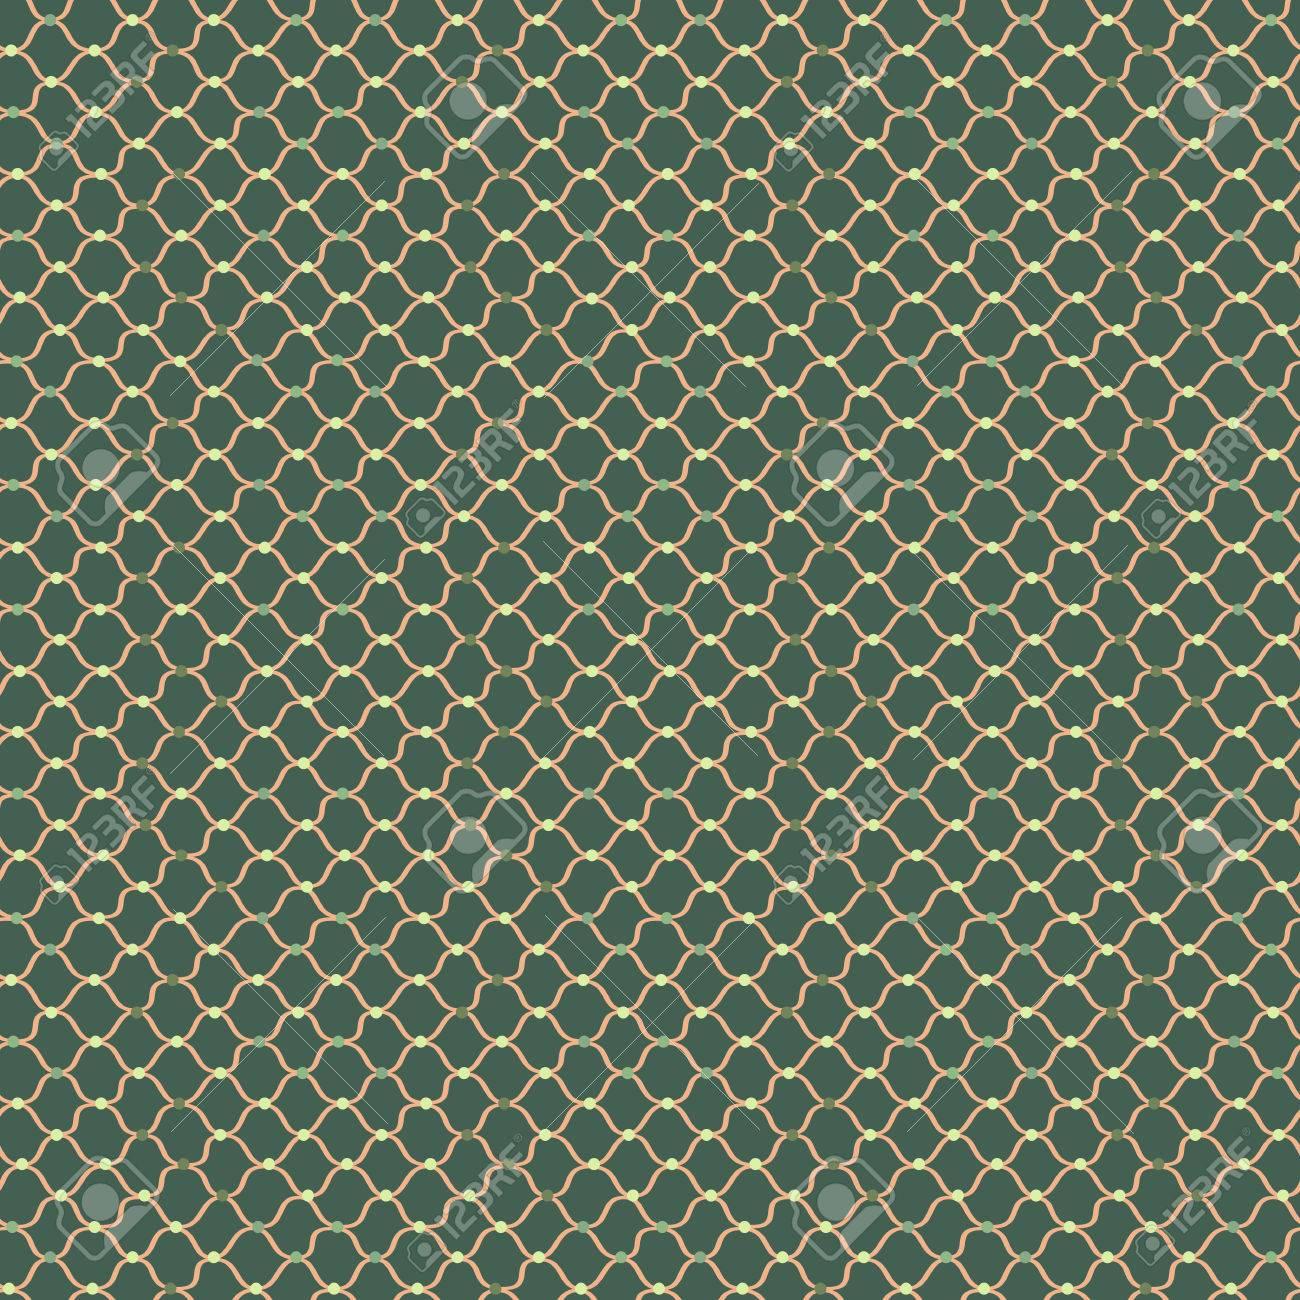 motif de kimono japonais traditionnel amime peche motif net illustration transparente pour le papier peint fond page web des textures de surface motif remplit pour la decoration ou l impression sur tissu